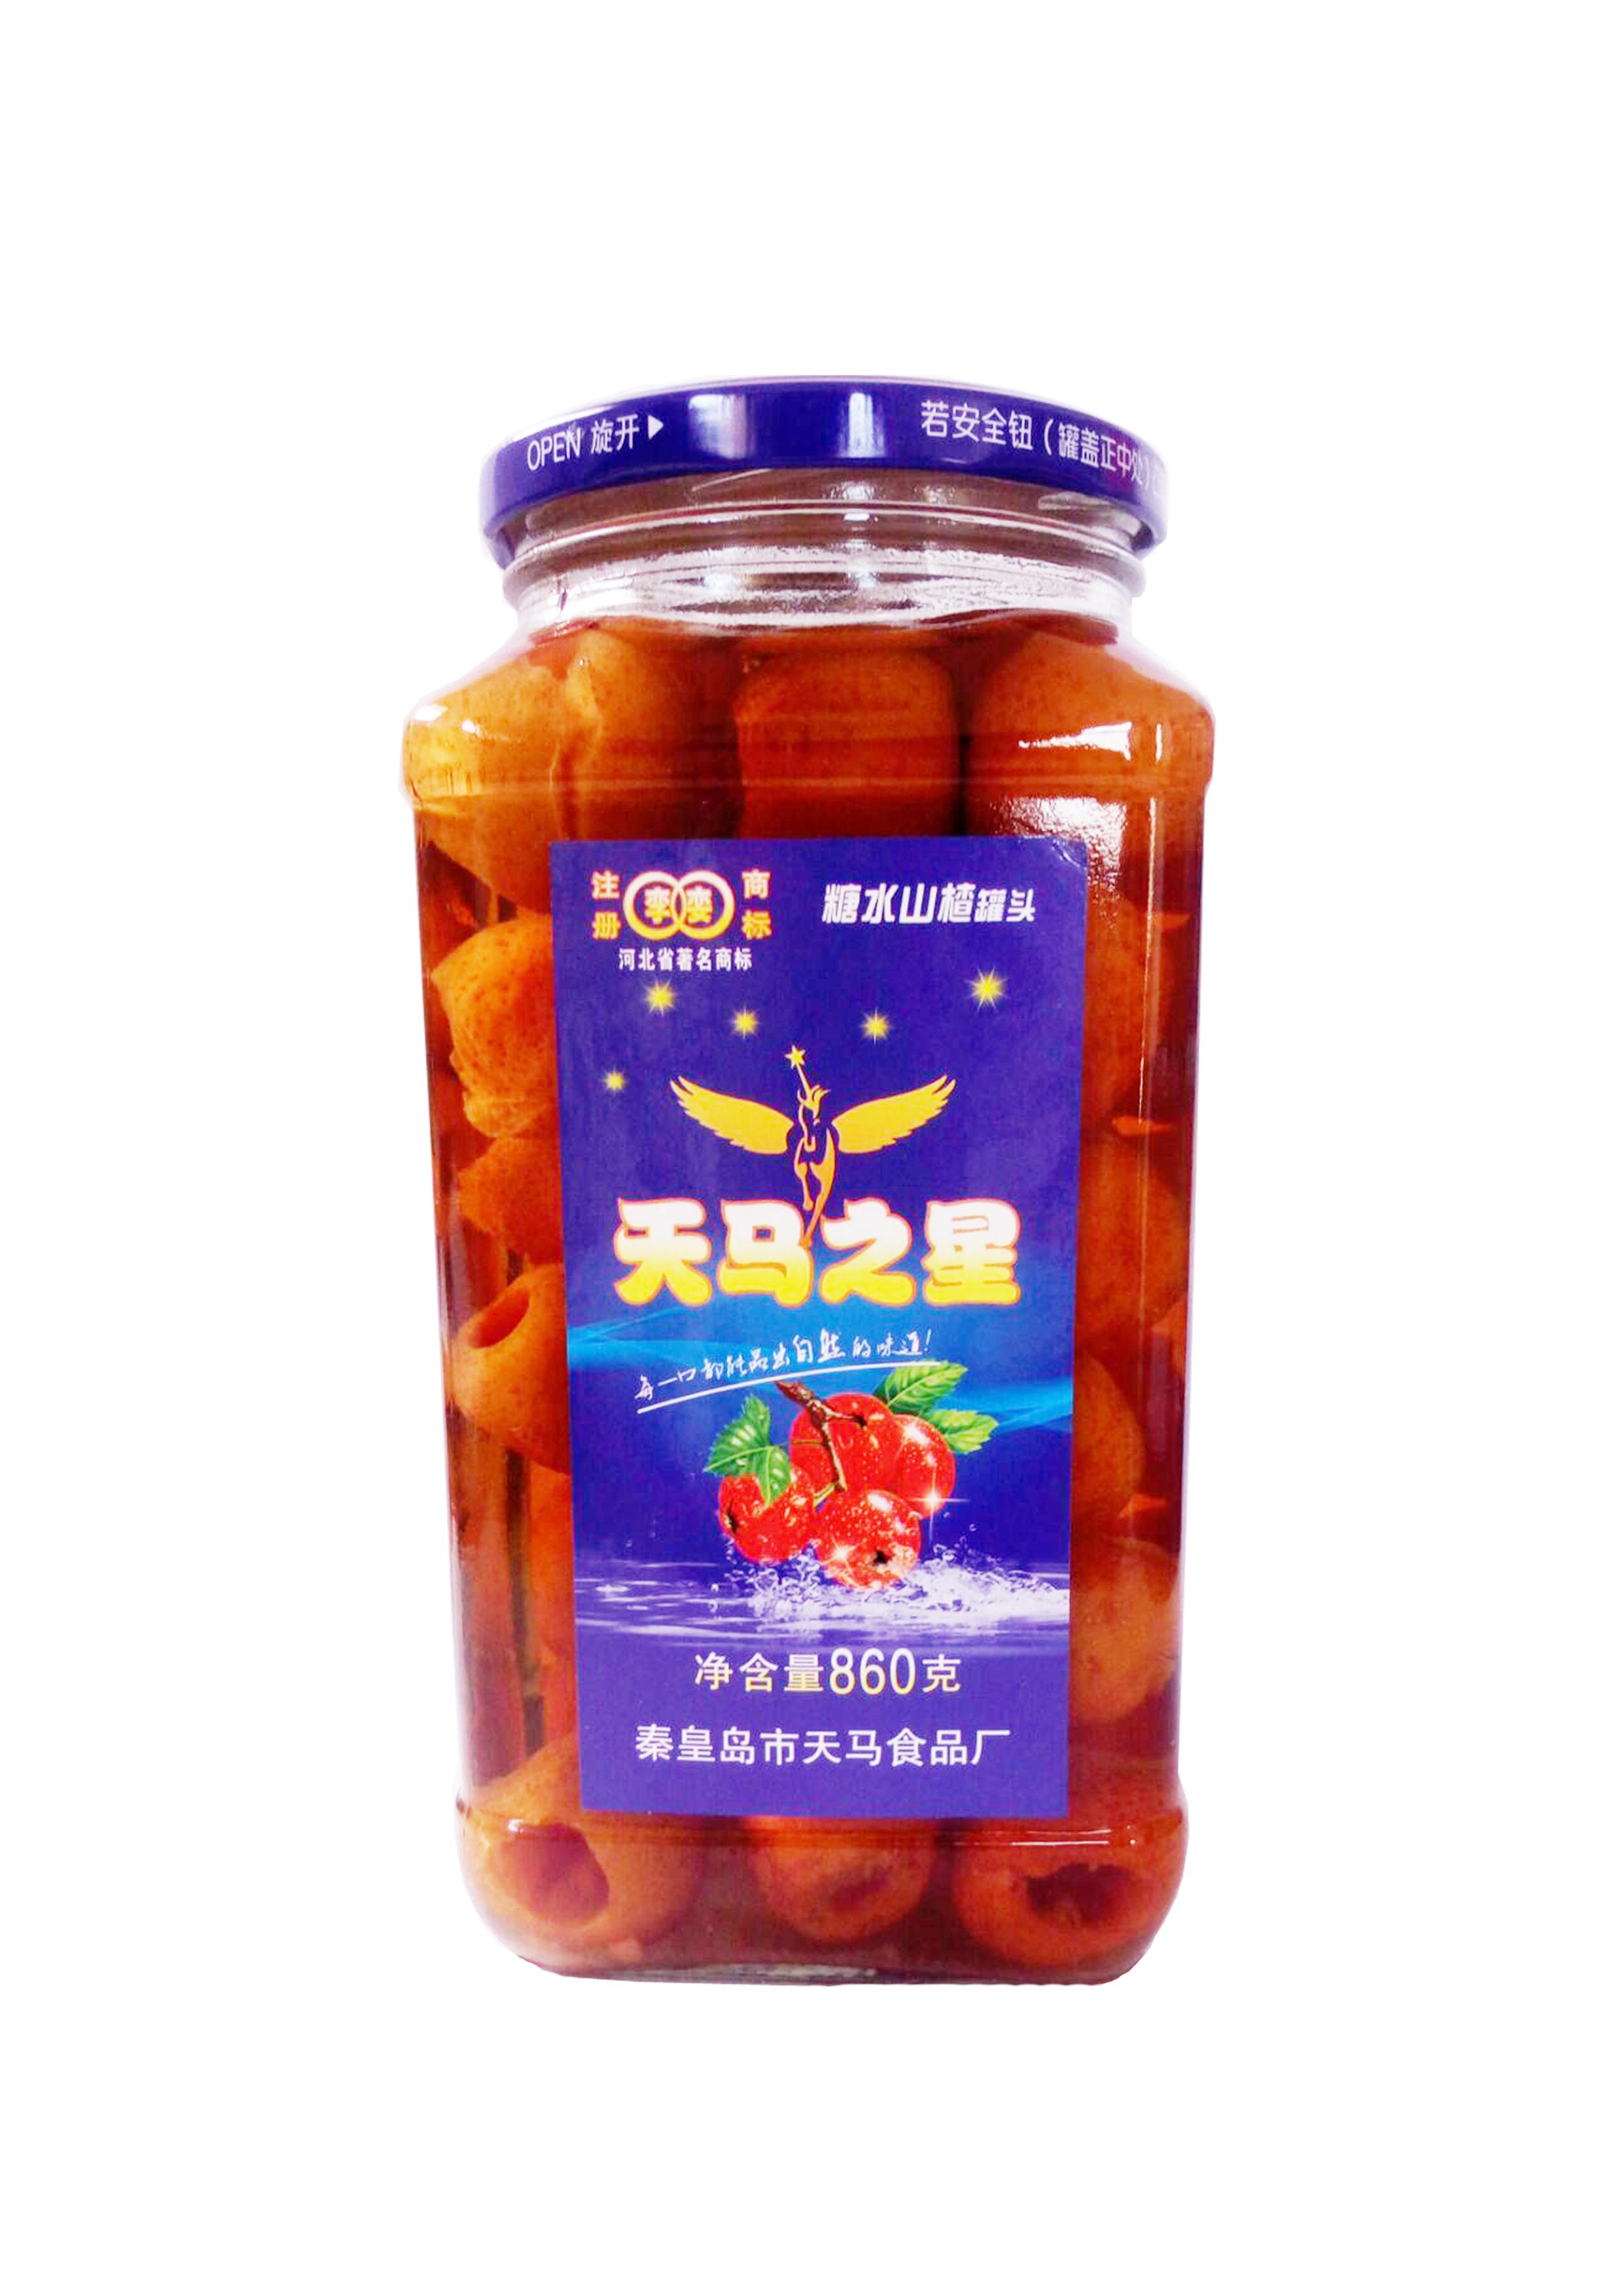 天马水果罐头860g系列_产品展示_秦皇岛市天马食品厂